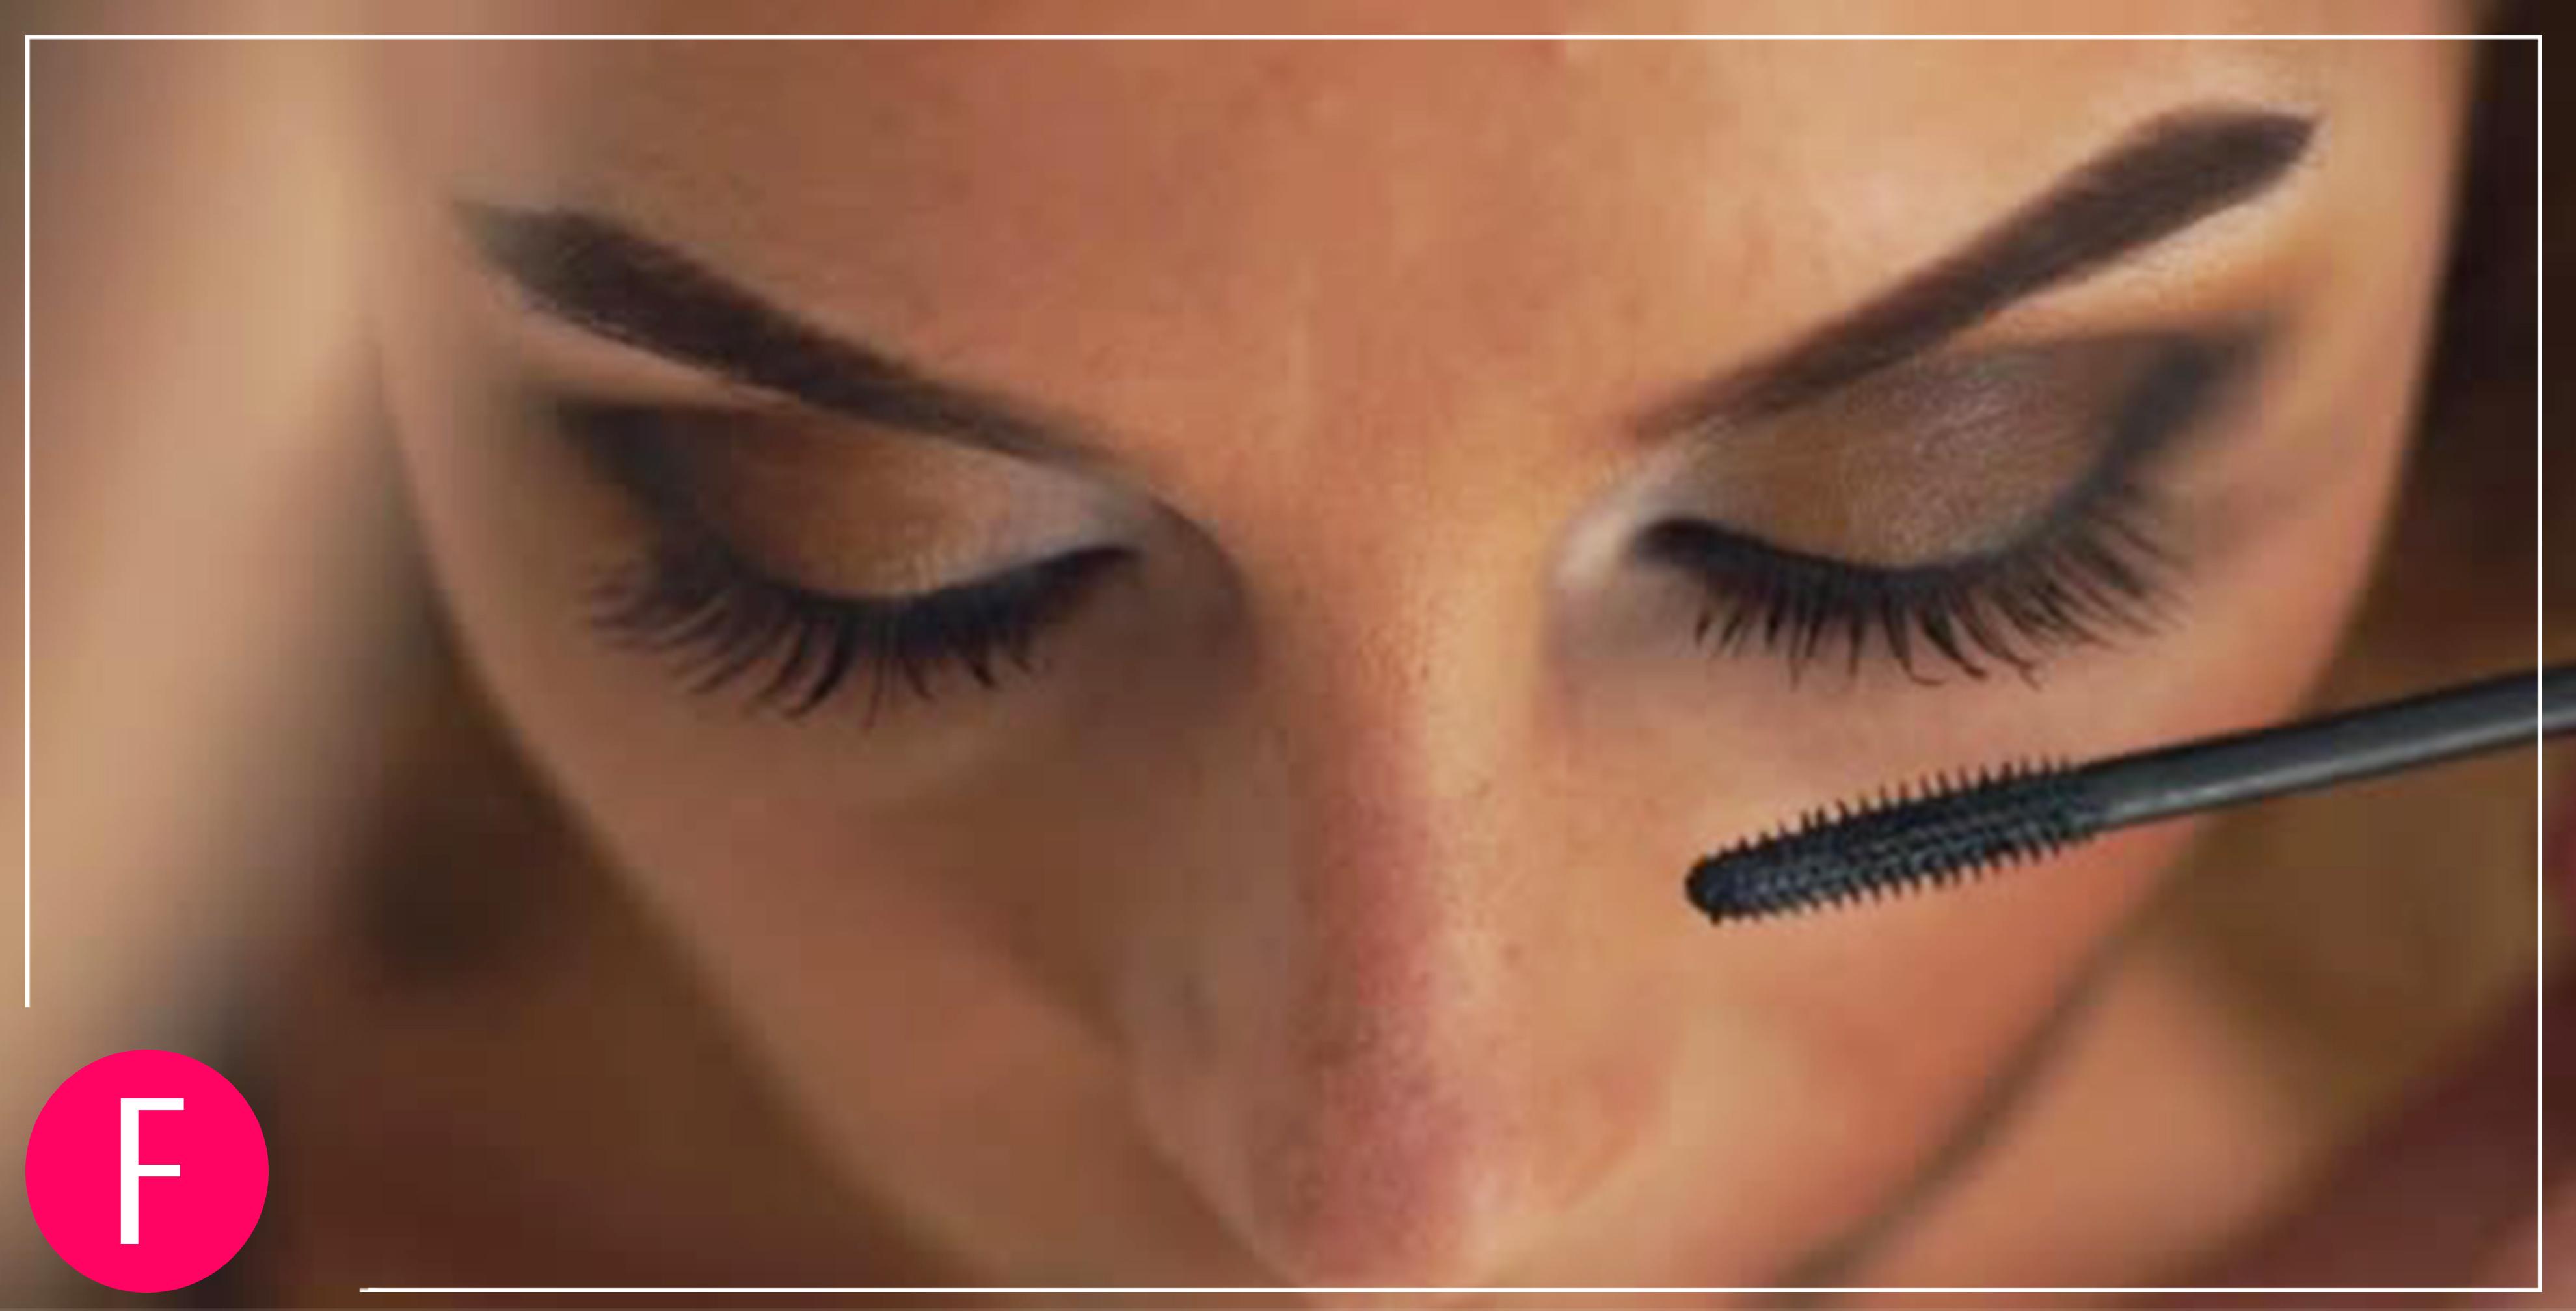 Mascara, eye makeup, top 5 mascaras